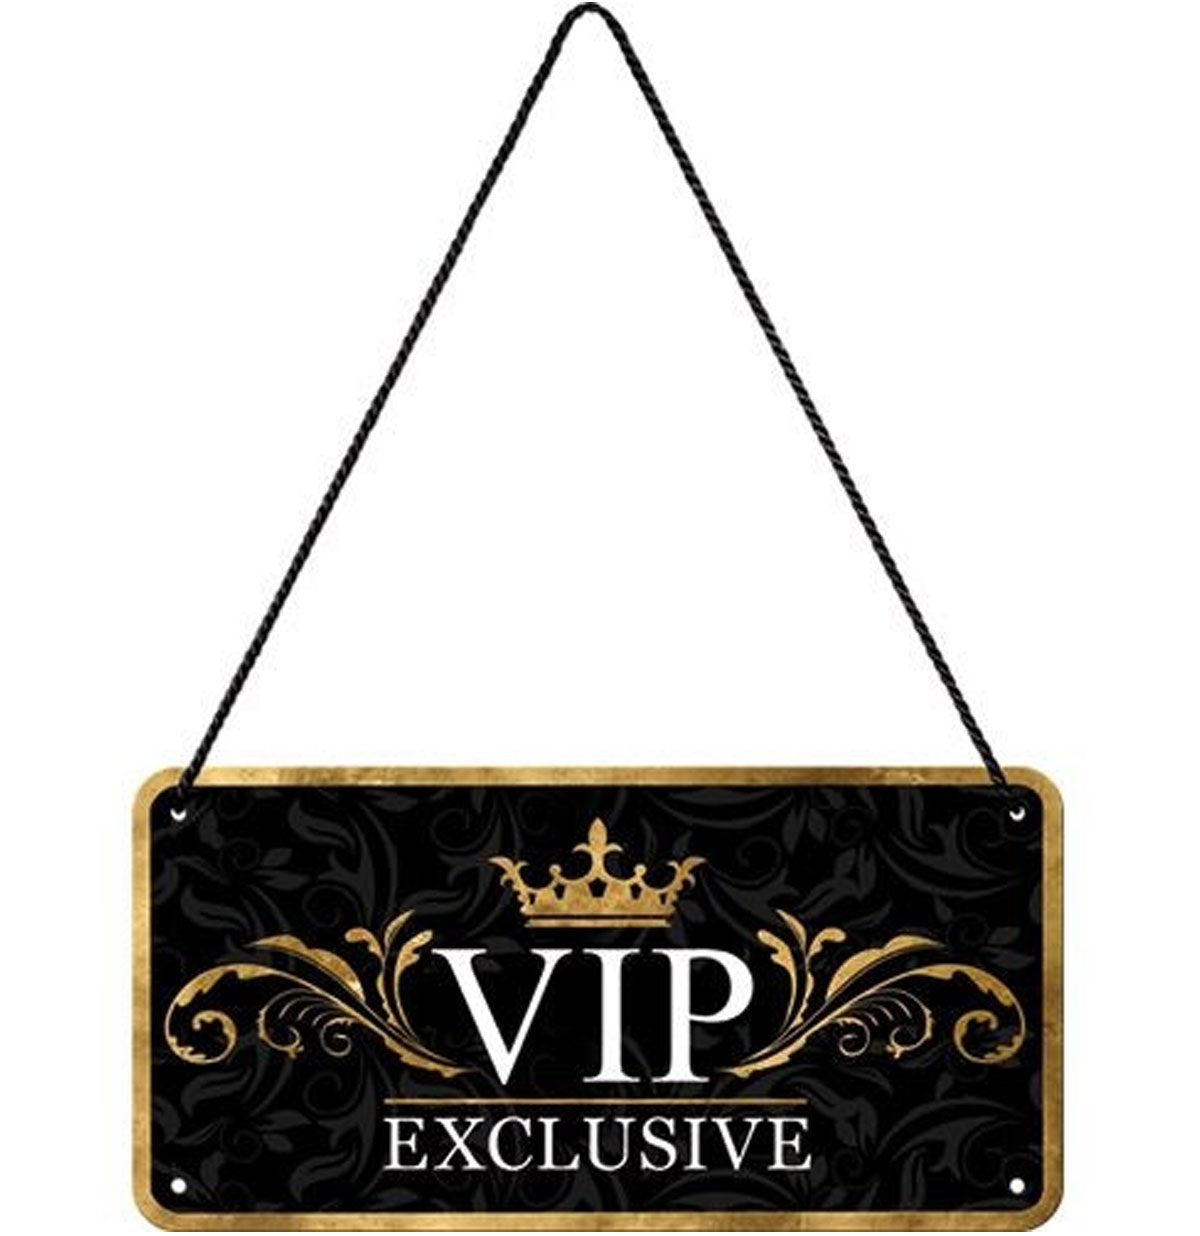 VIP Exclusive Hangend Metalen Bord 10 x 20 cm